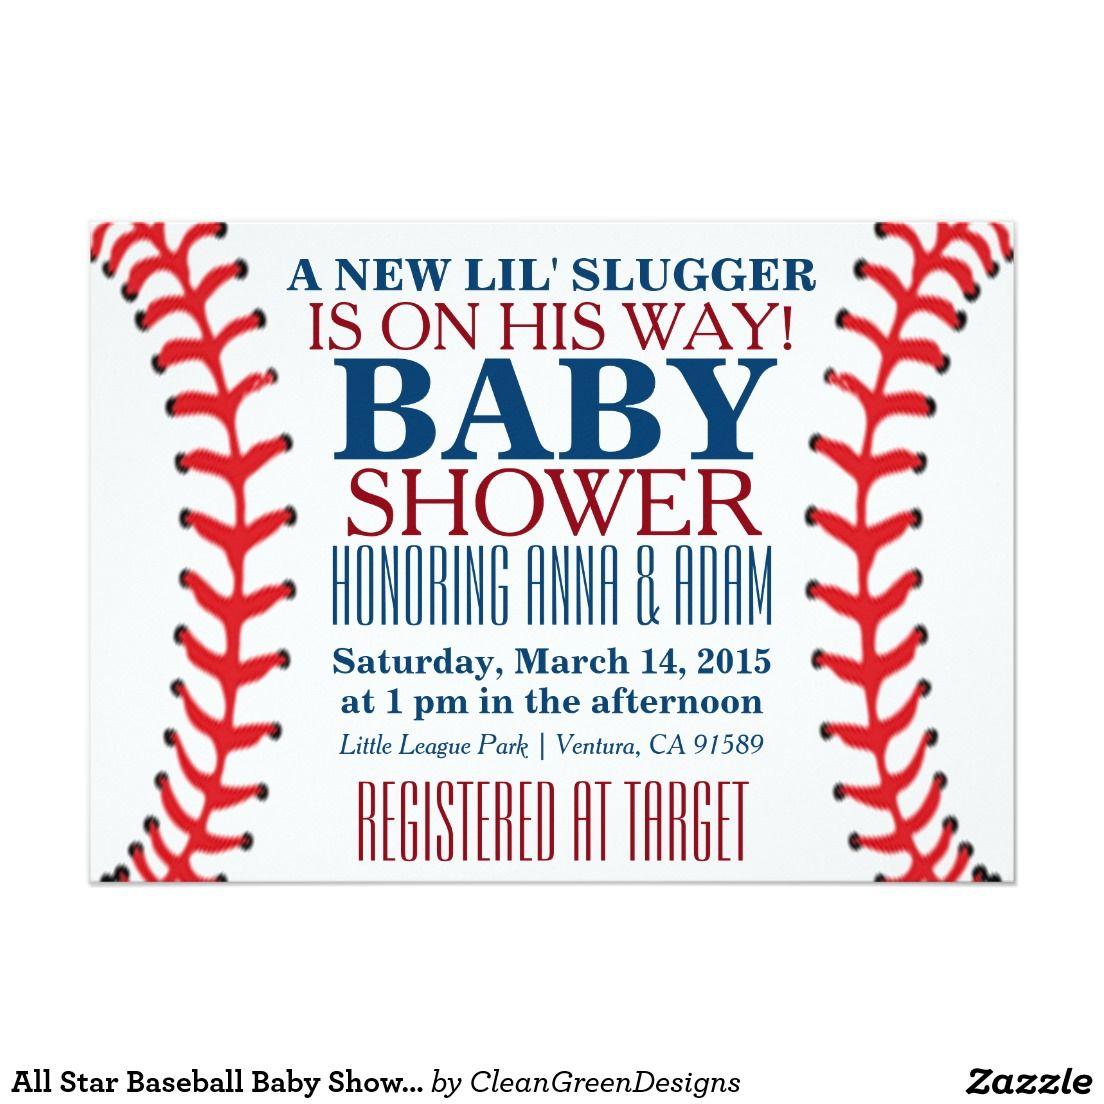 All Star Baseball Baby Shower Invitations   Shower invitations ...